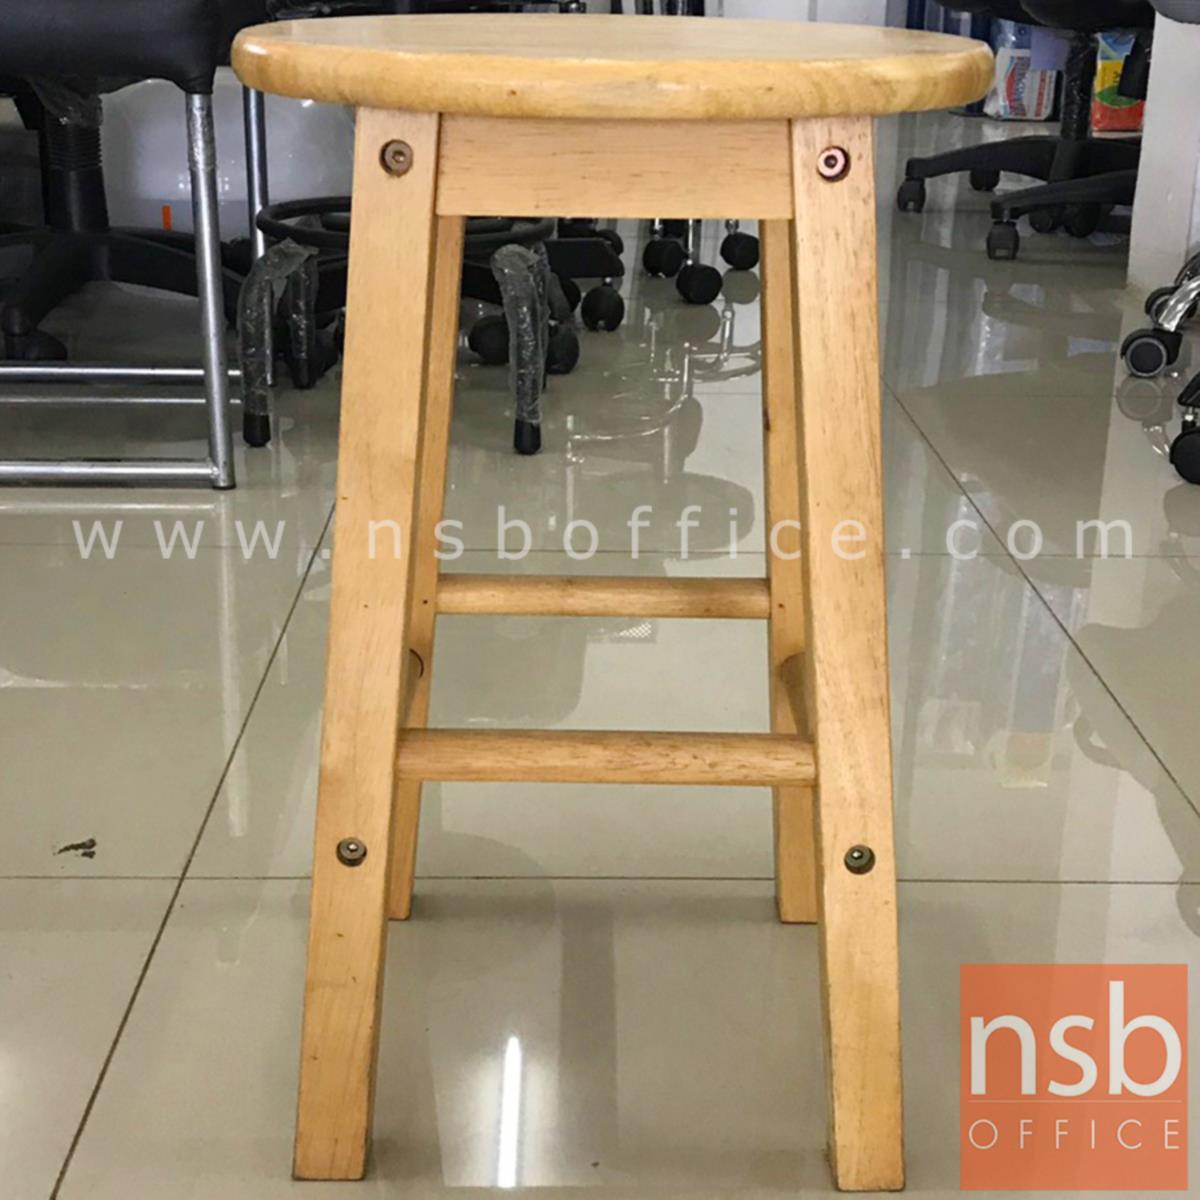 เก้าอี้สตูลไม้ล้วน รุ่น NSB-CHAIR3 ขนาด 31Di*47H cm. (STOCK-1 ตัว)